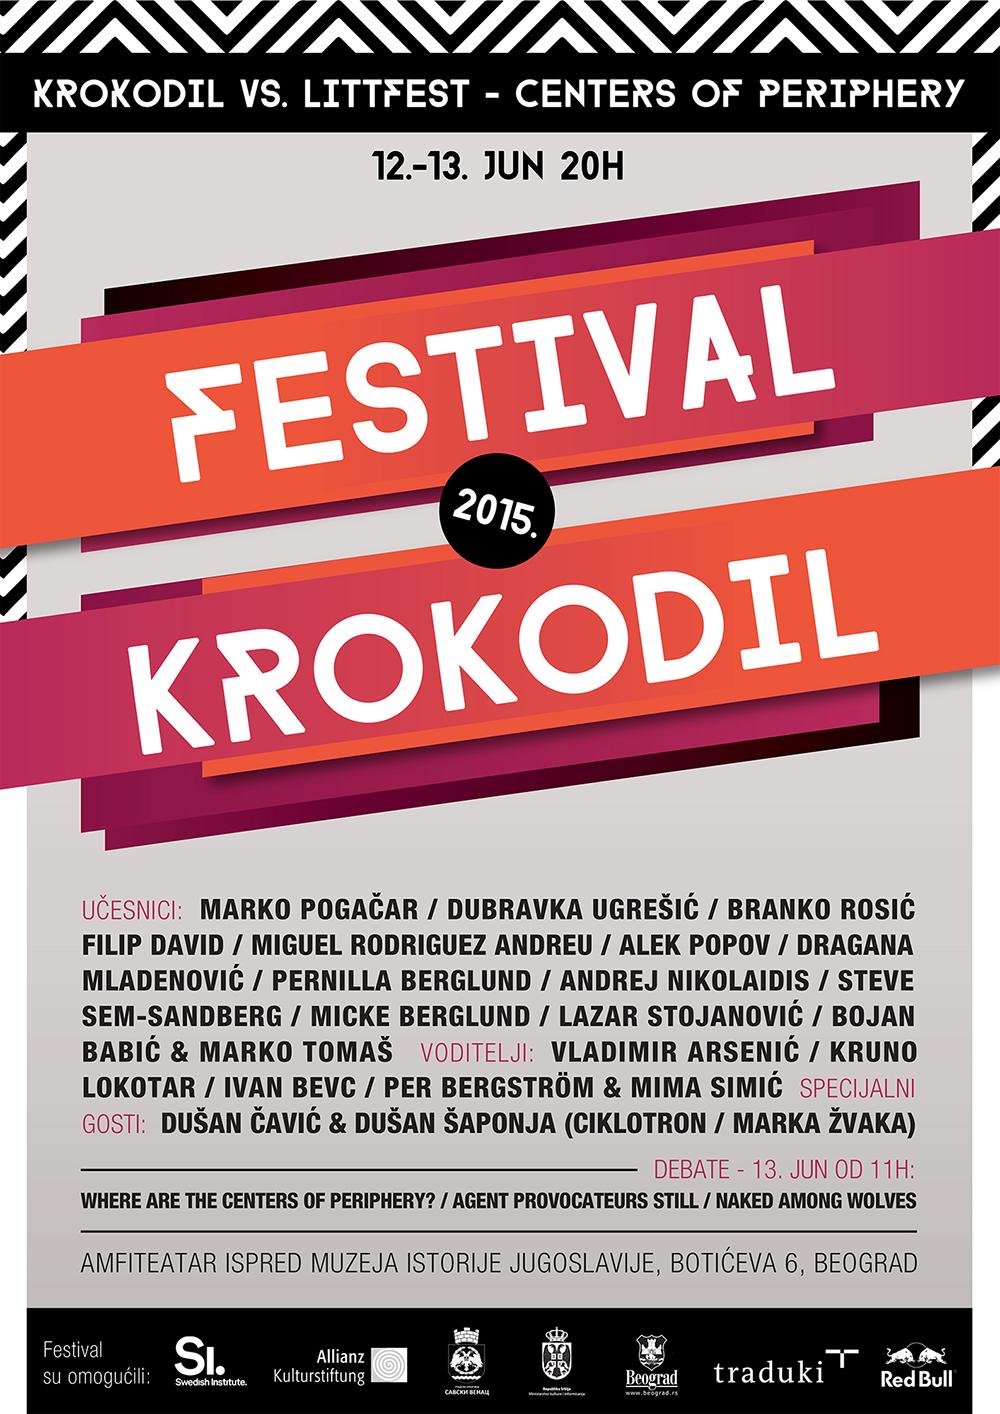 KROKODIL festival 2015. | 12-13 jun | 20h